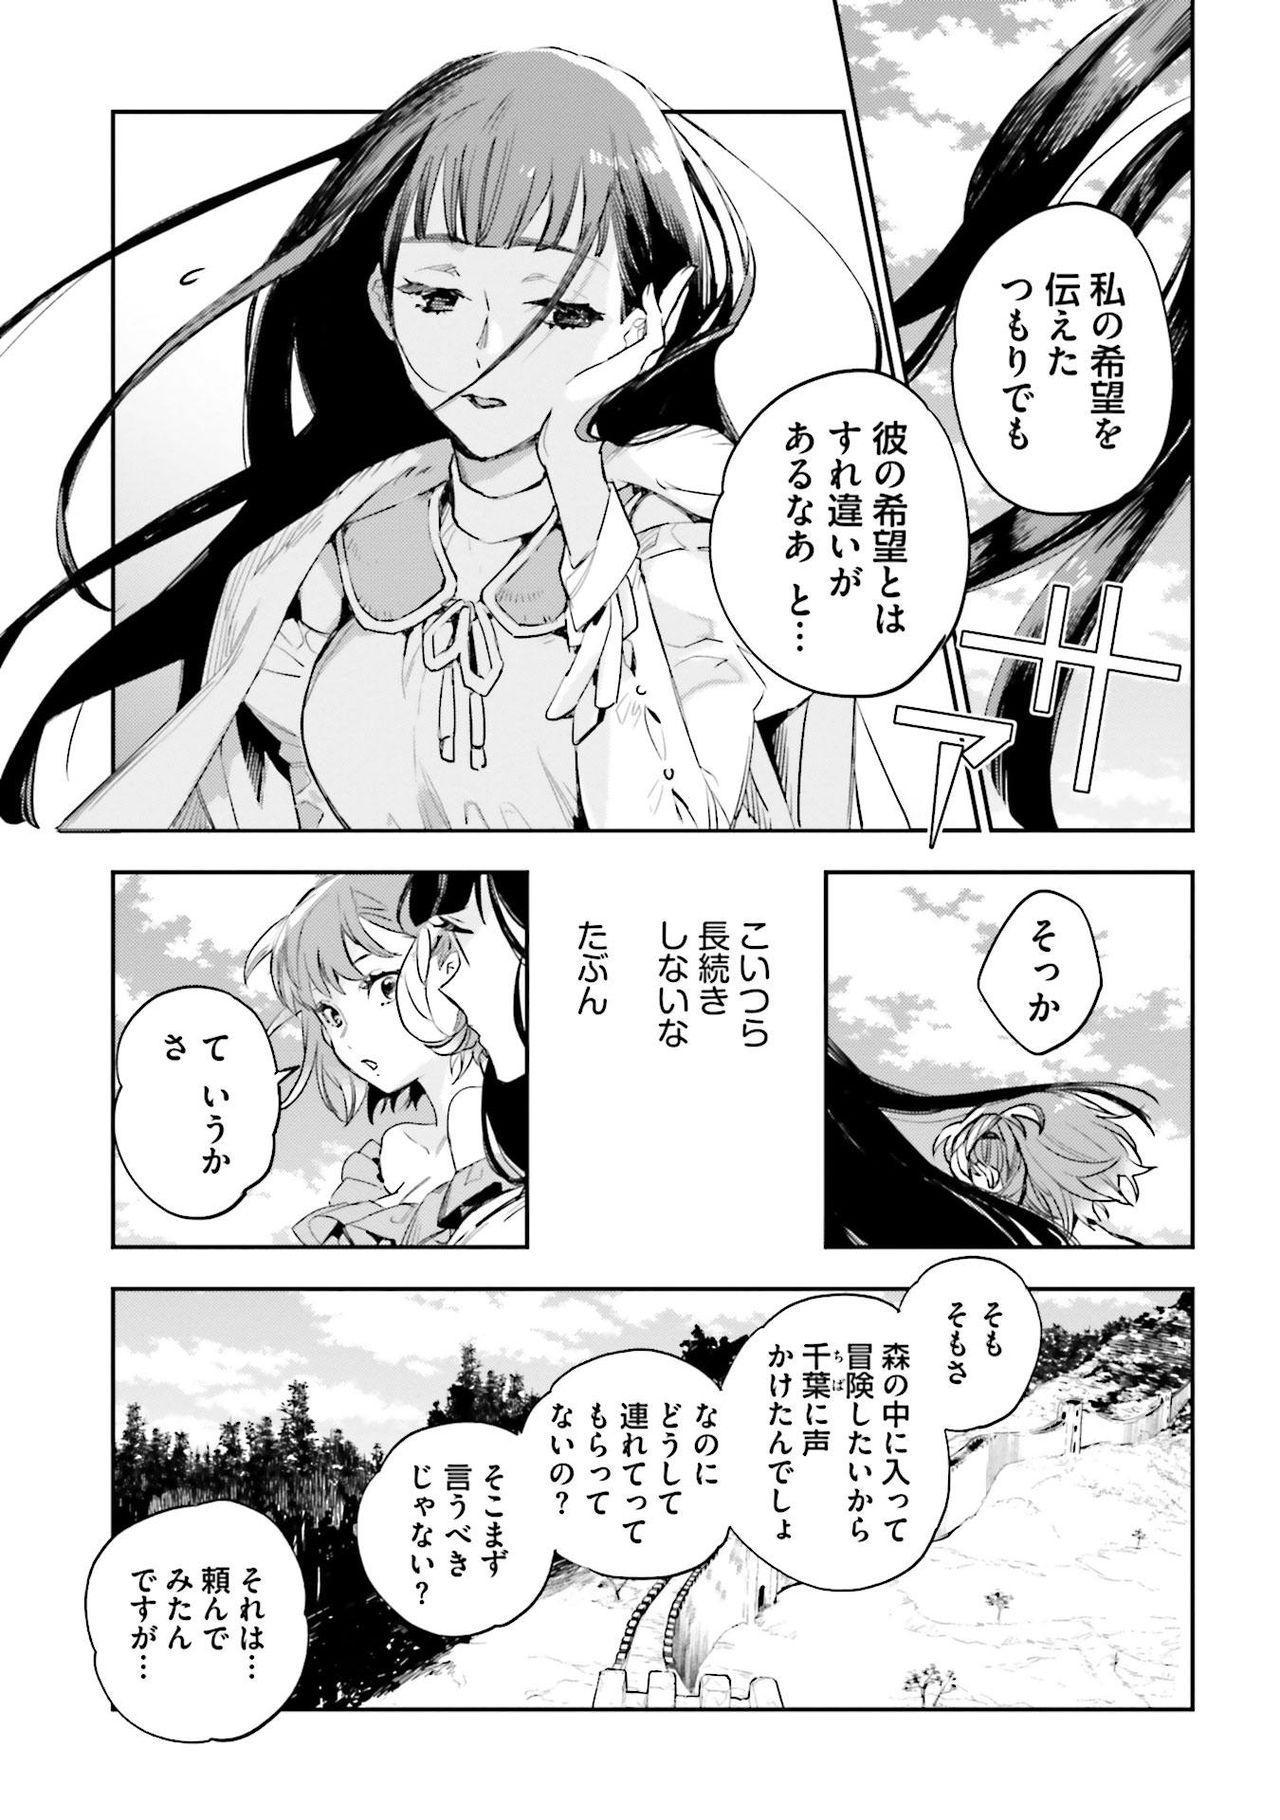 JK Haru wa Isekai de Shoufu ni Natta 1-14 512